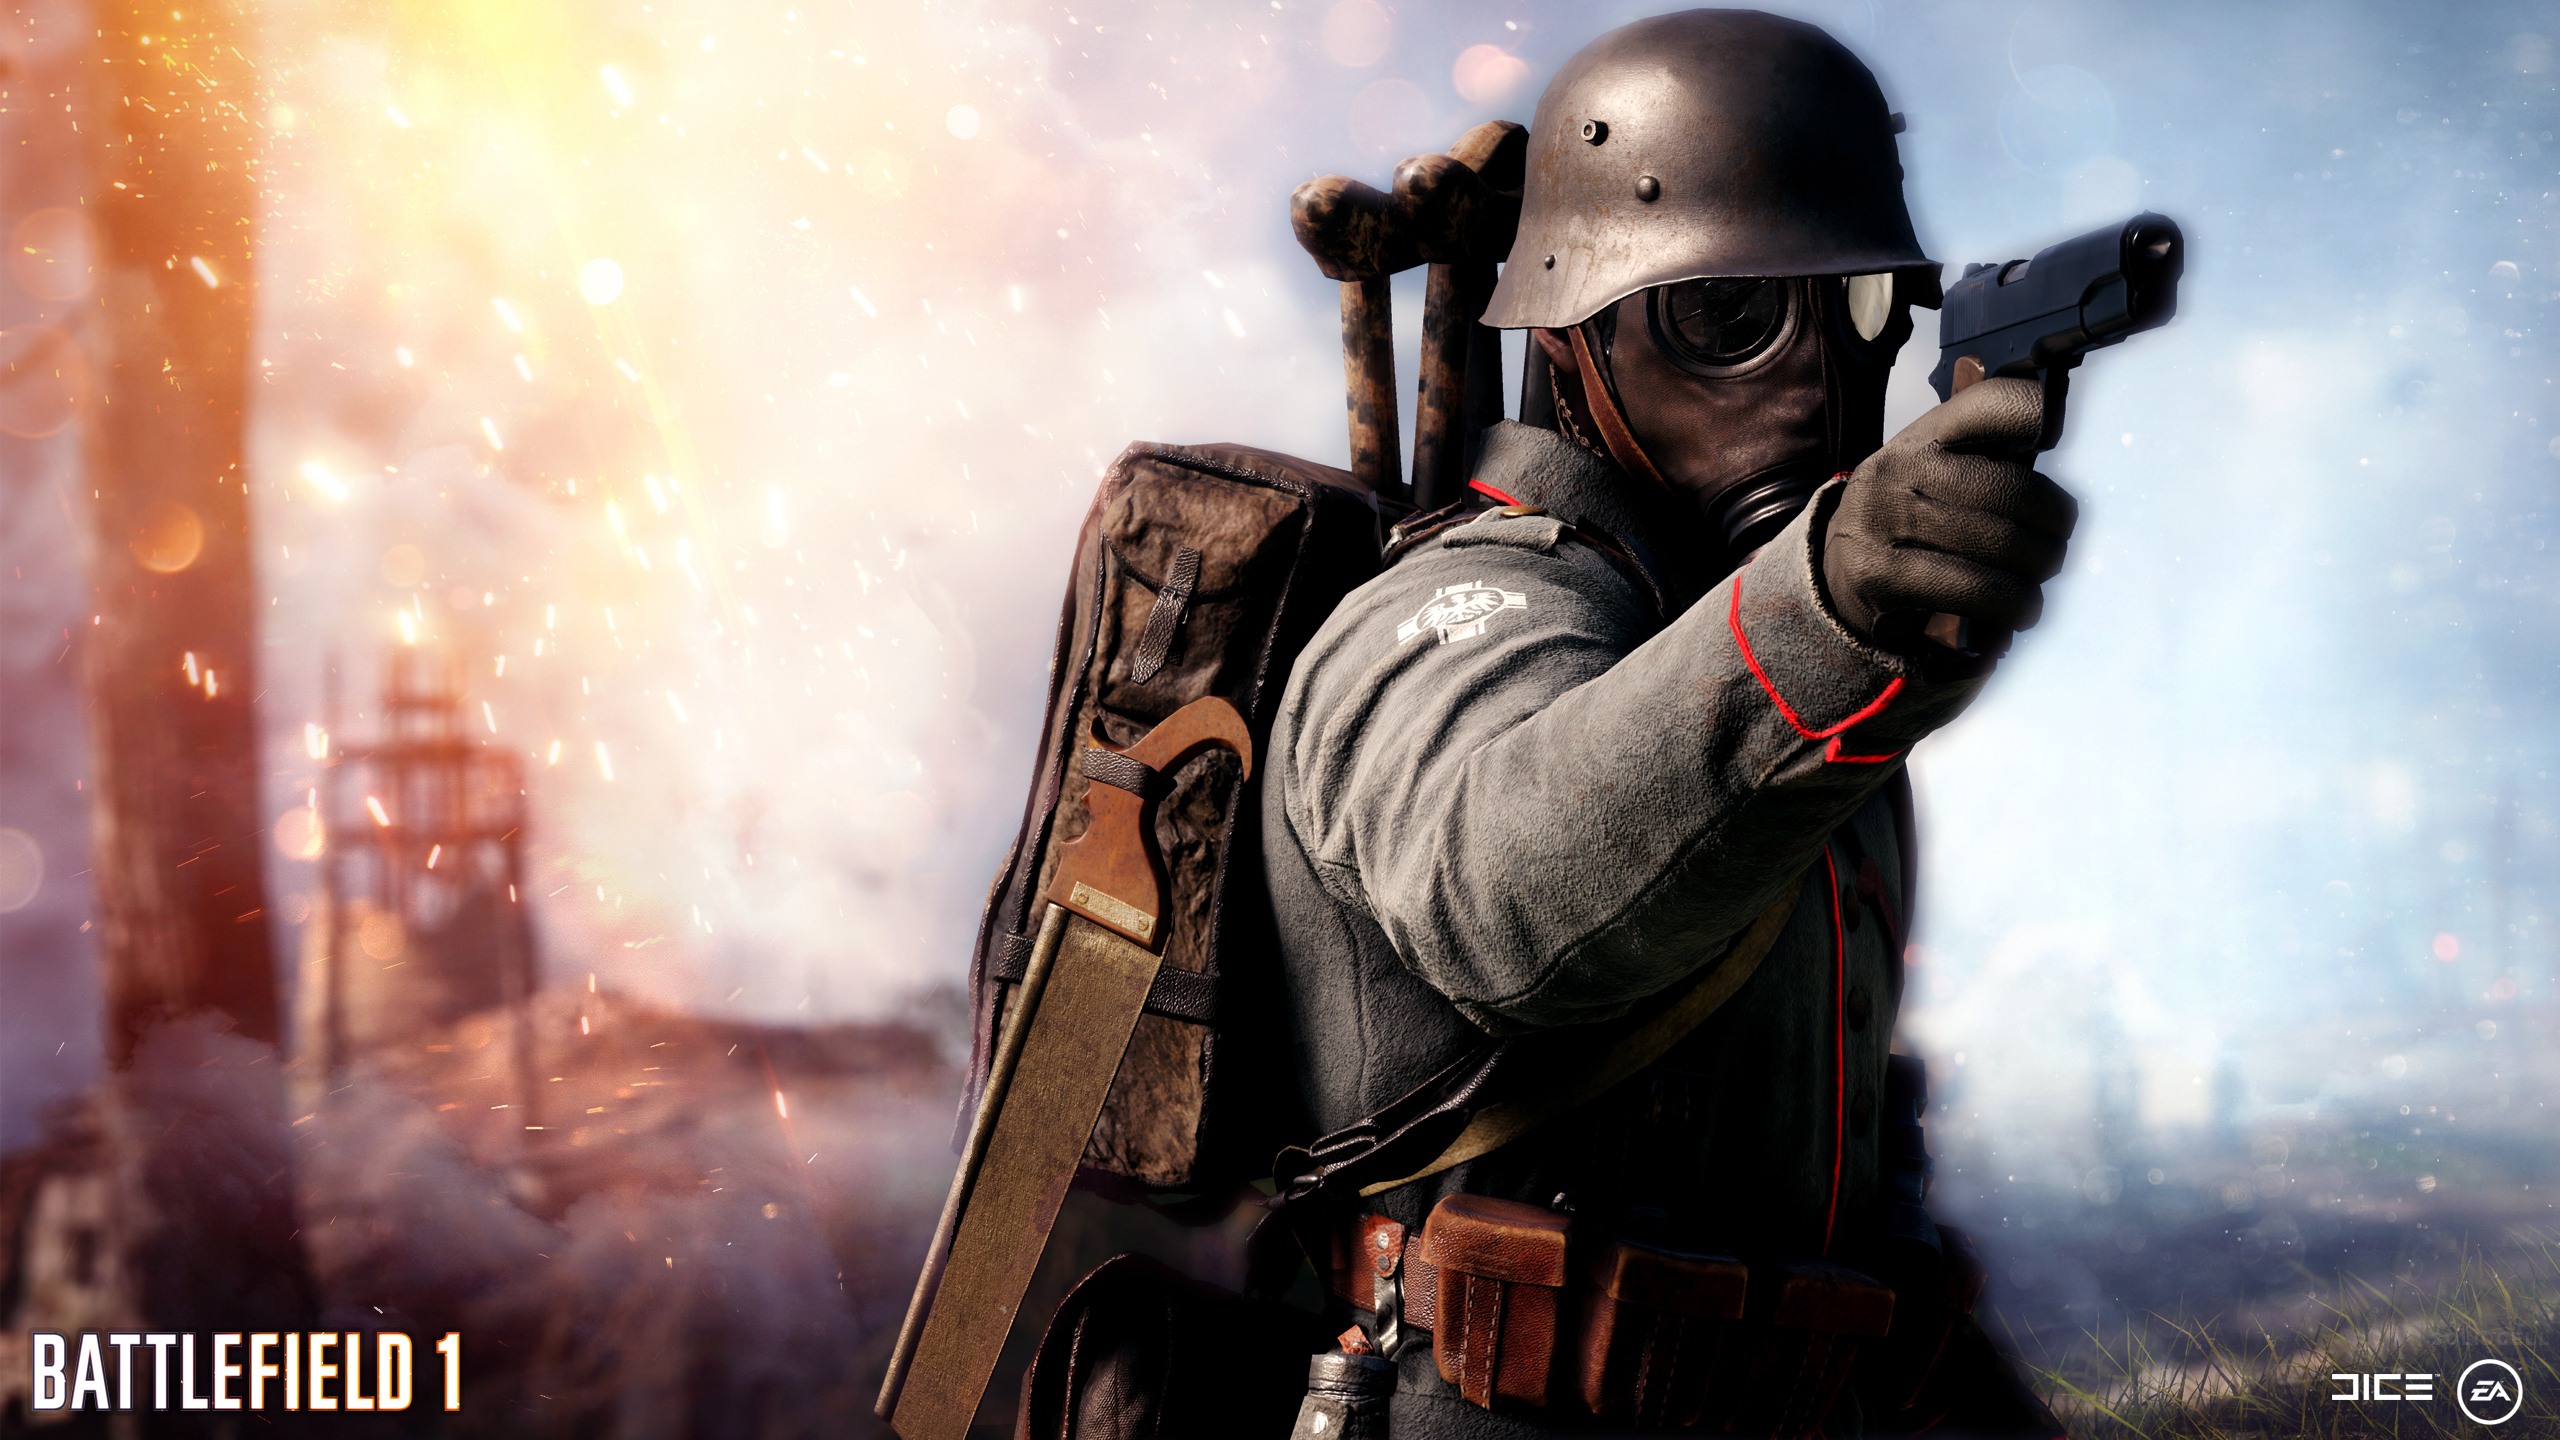 Battlefield 1 German Wallpaper By Solidcell Watch Fan Art